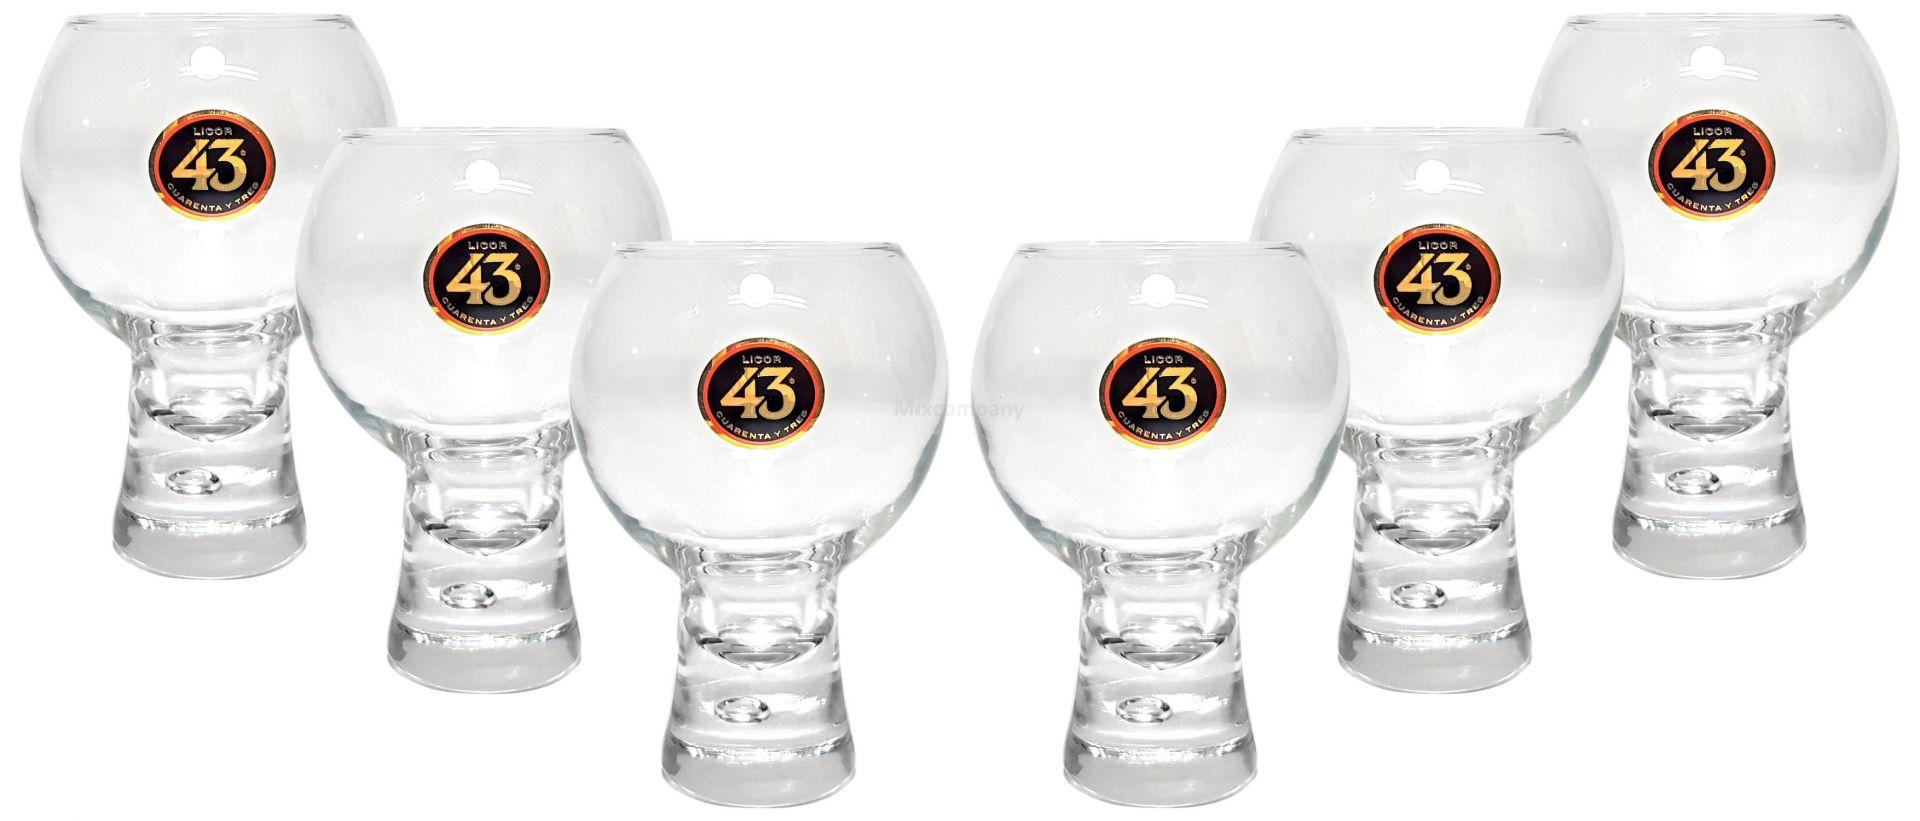 Licor 43 Quarenta Y Tres Gläser 4cl geeicht - 6 Stück Likör Liquor 43er